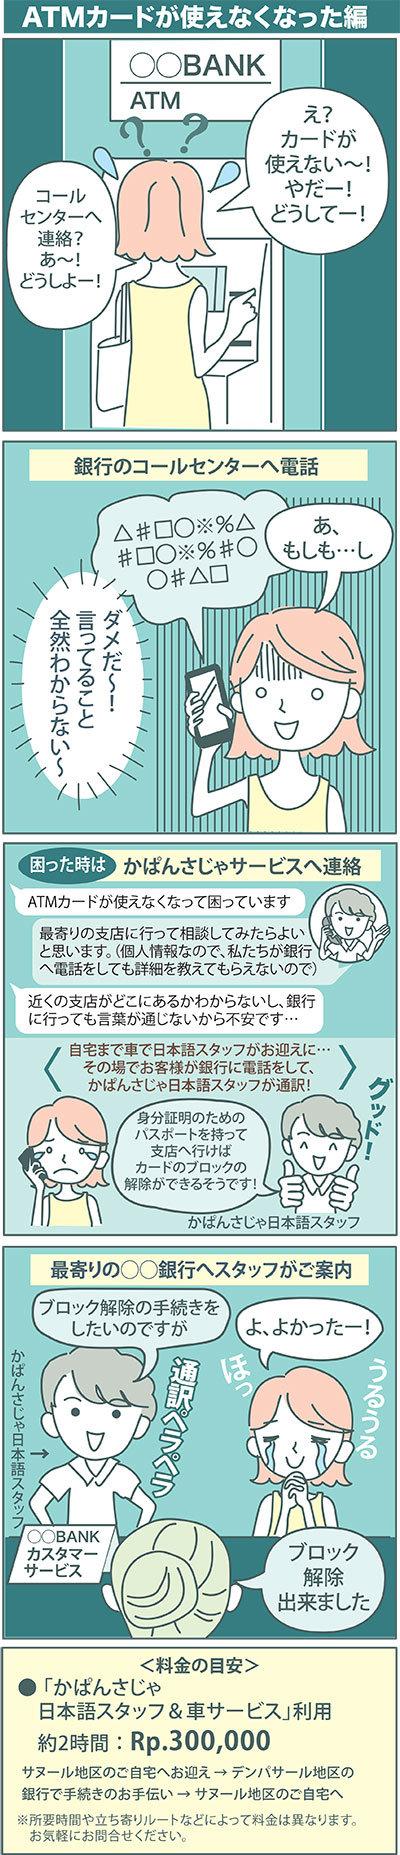 Manga-1tate.jpg